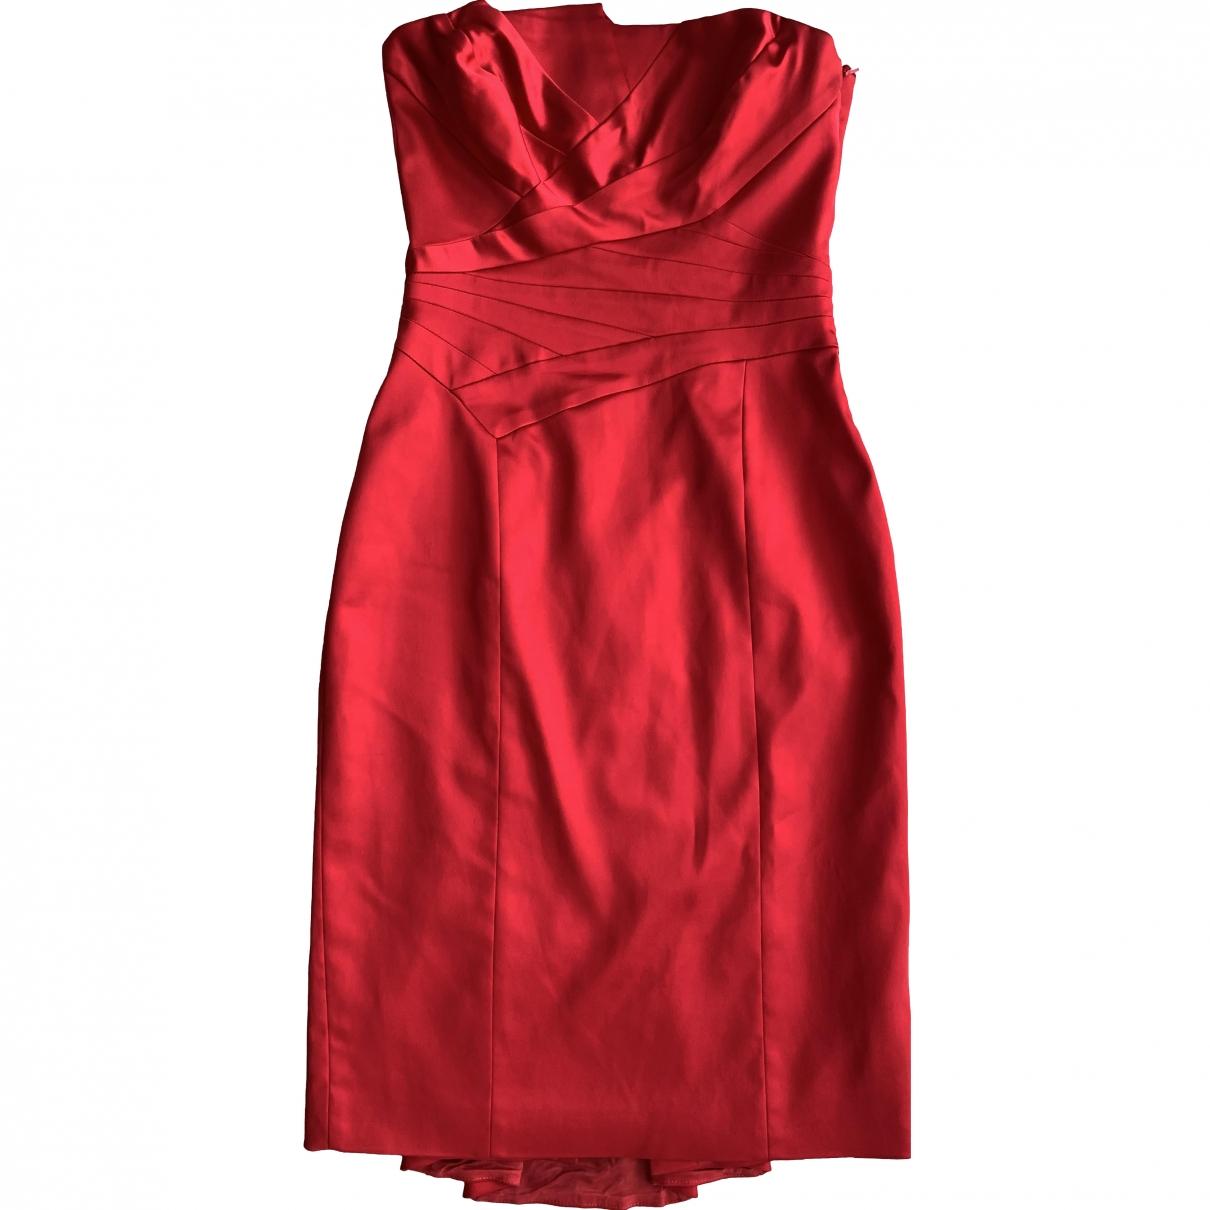 Karen Millen \N Red dress for Women 10 UK